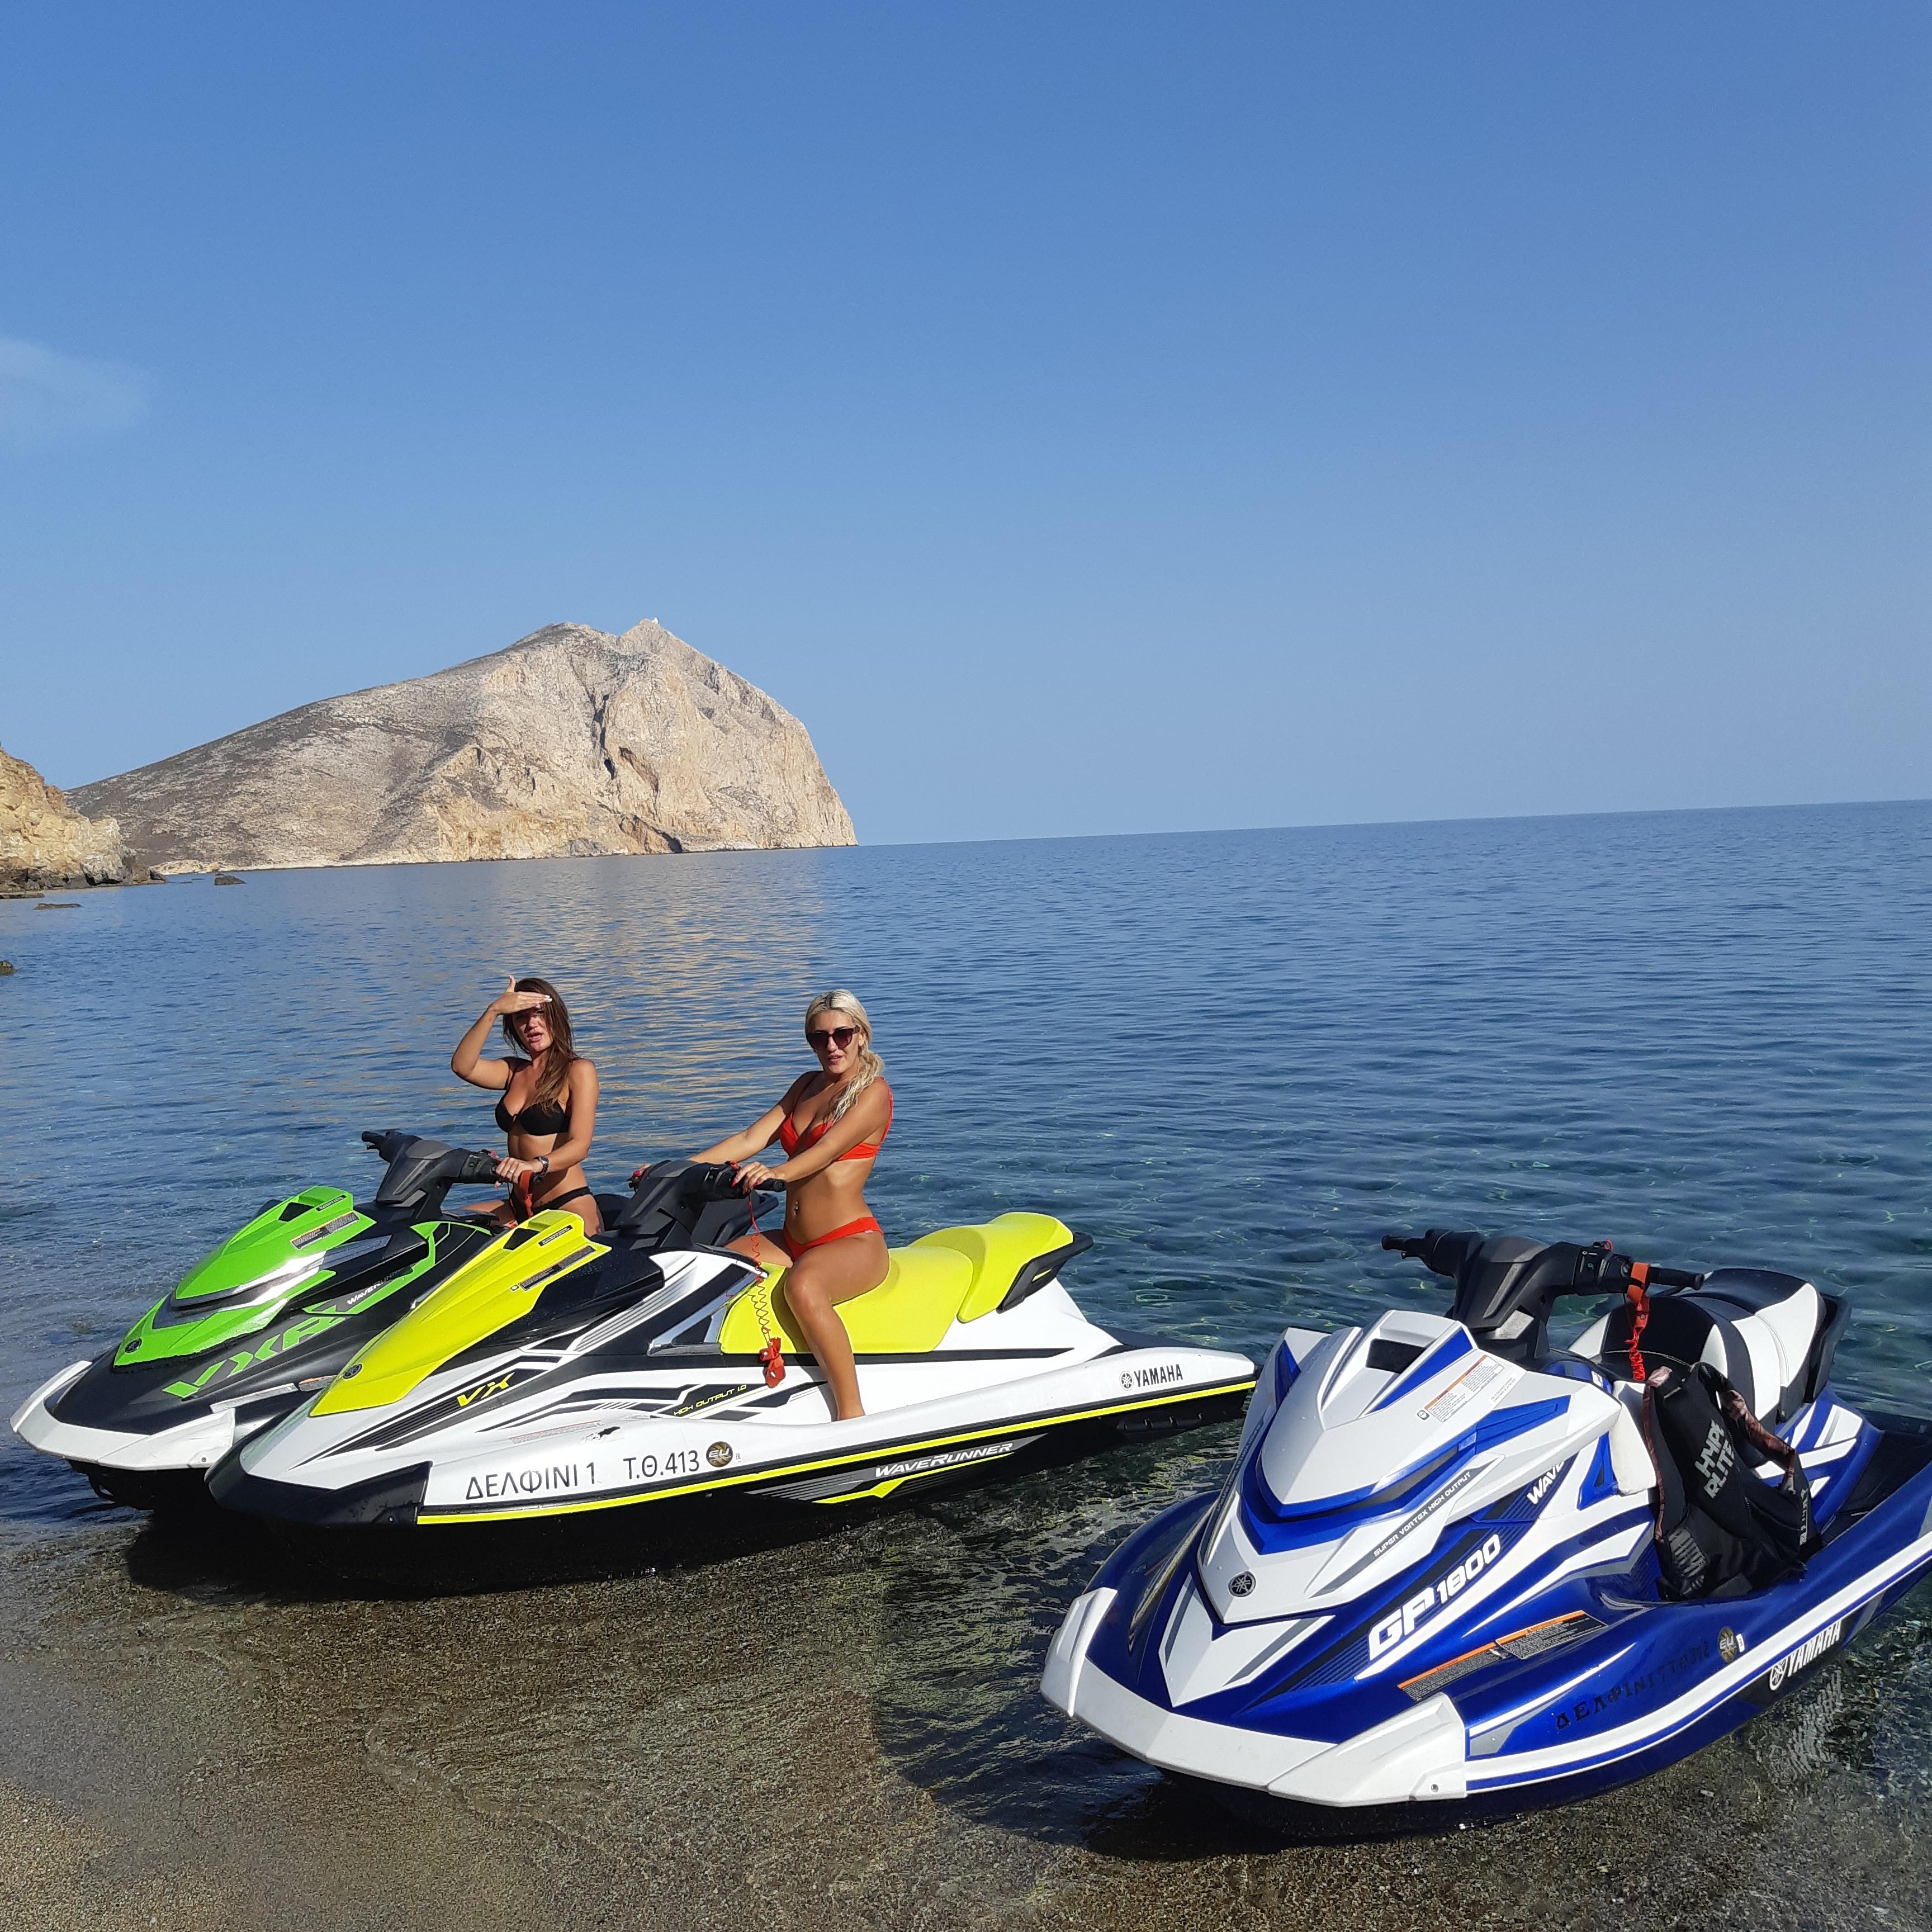 1 Jet ski for safari  tour 1